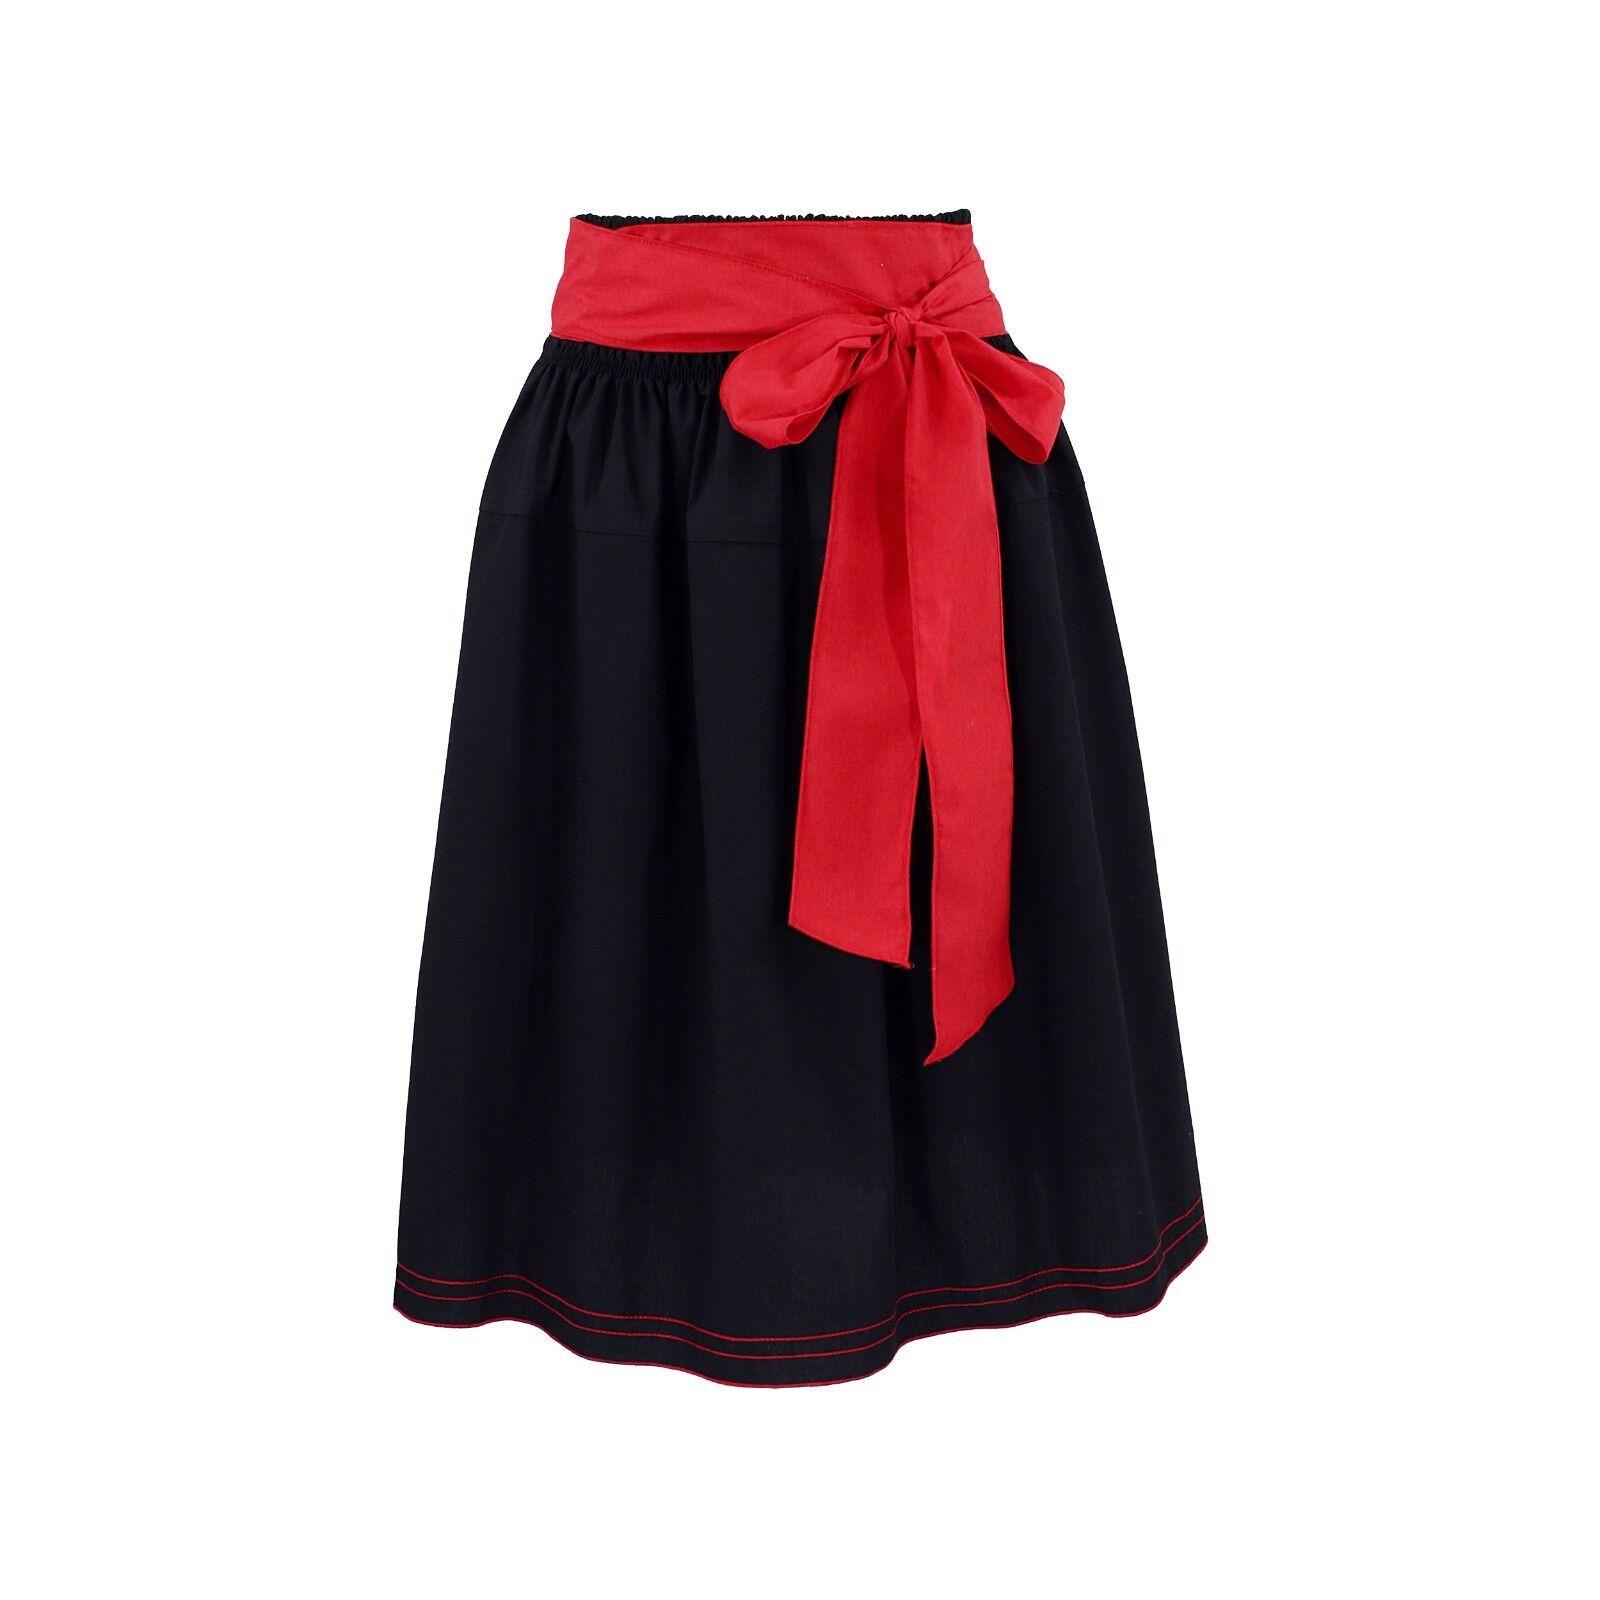 Donna Gonna Donna Gonna Gonne nero nero nero rosso fiocco lungo tempo libero business RICAMATO 932342